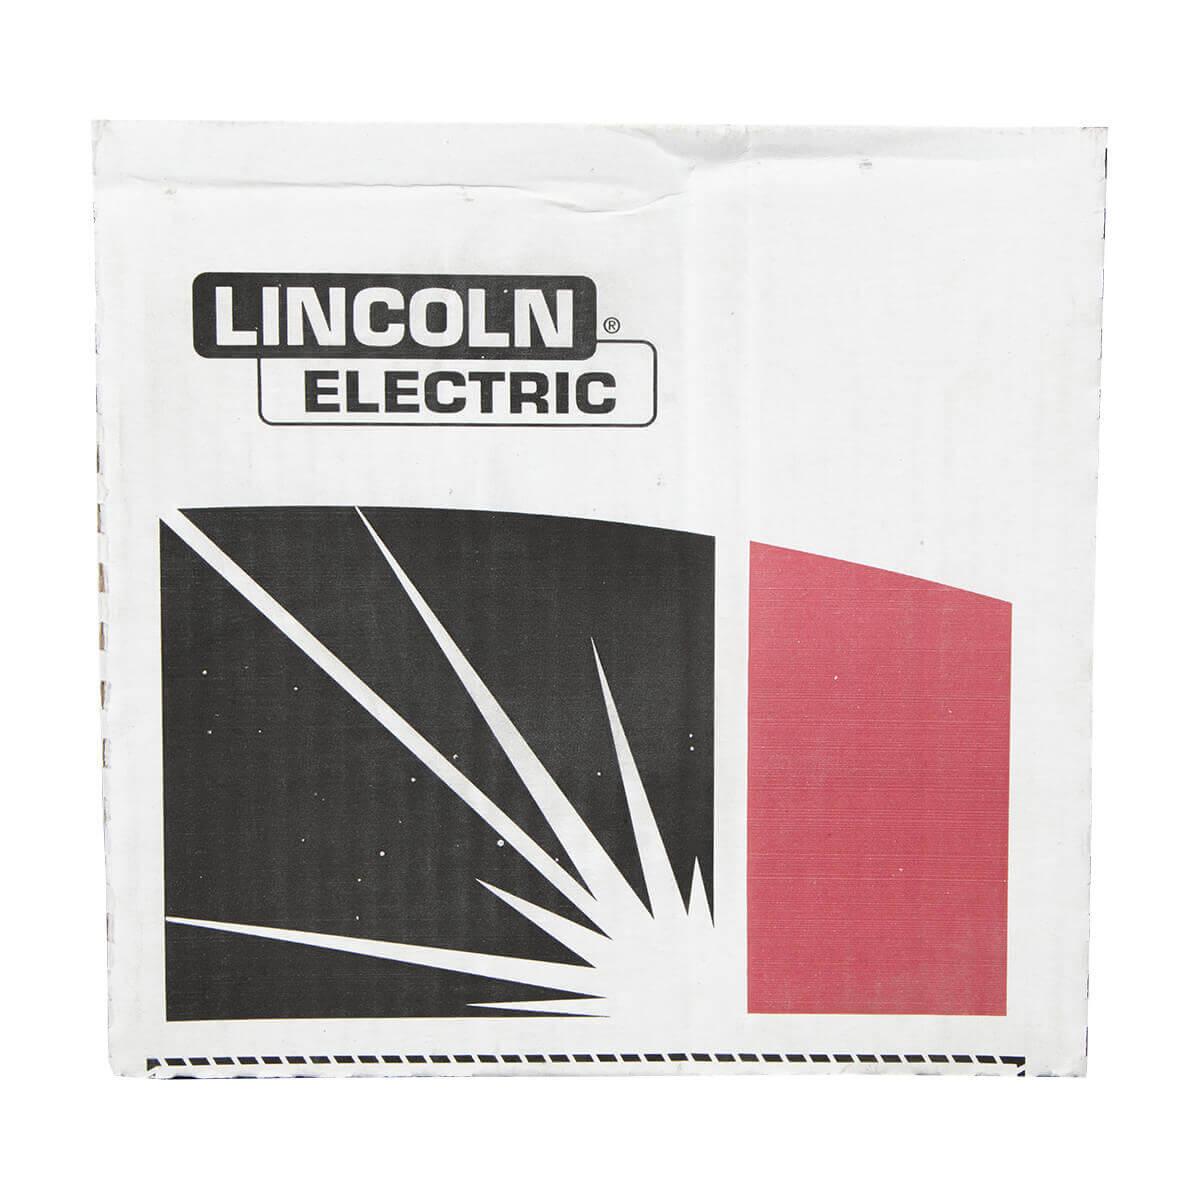 Lincoln Mig Wire S-6 - .025 11 lb ED61030